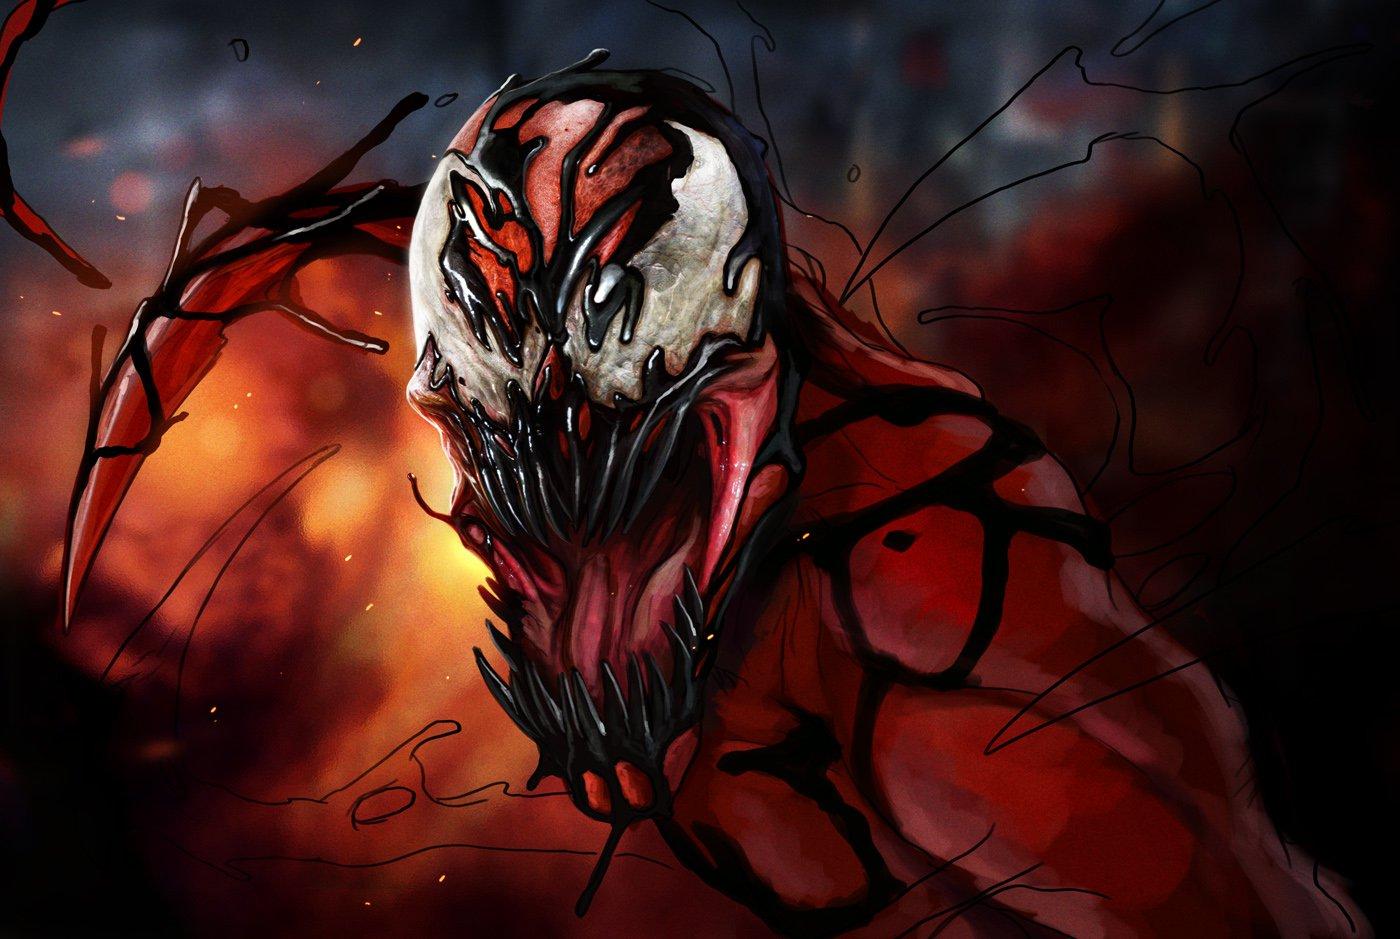 Marvel Carnage HD Wallpaper - WallpaperSafari